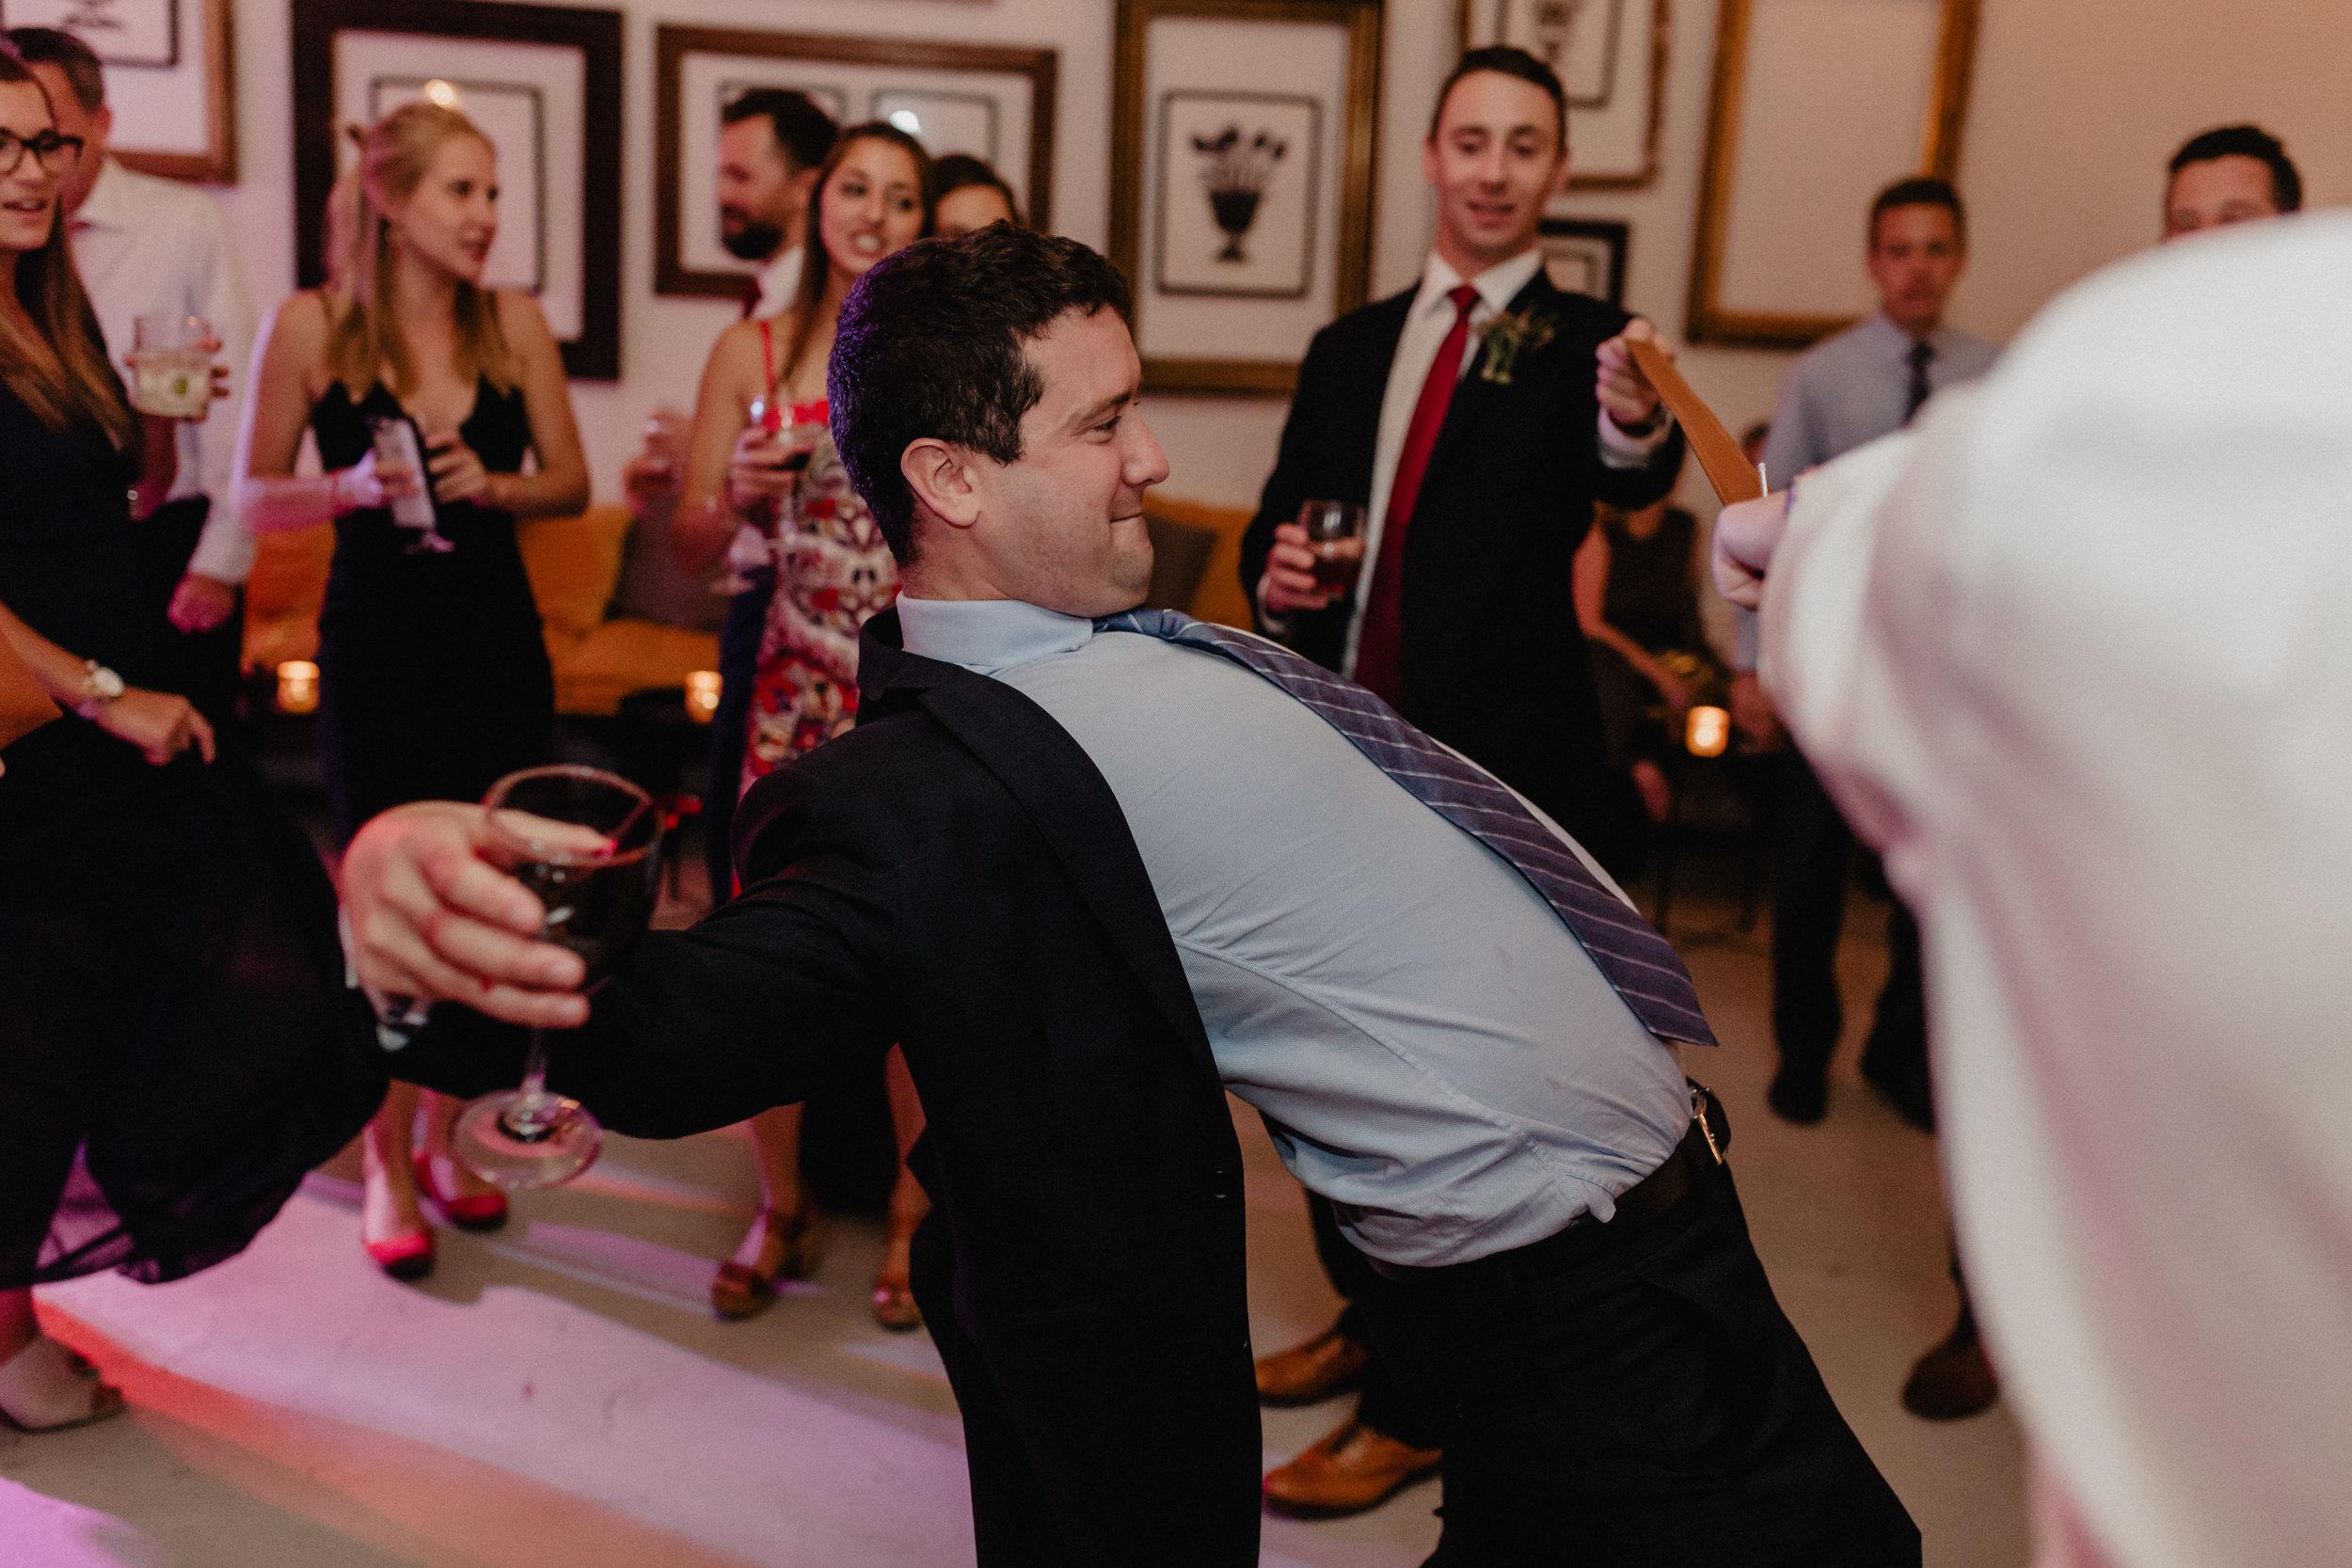 mnd_farm_wedding_098.jpg